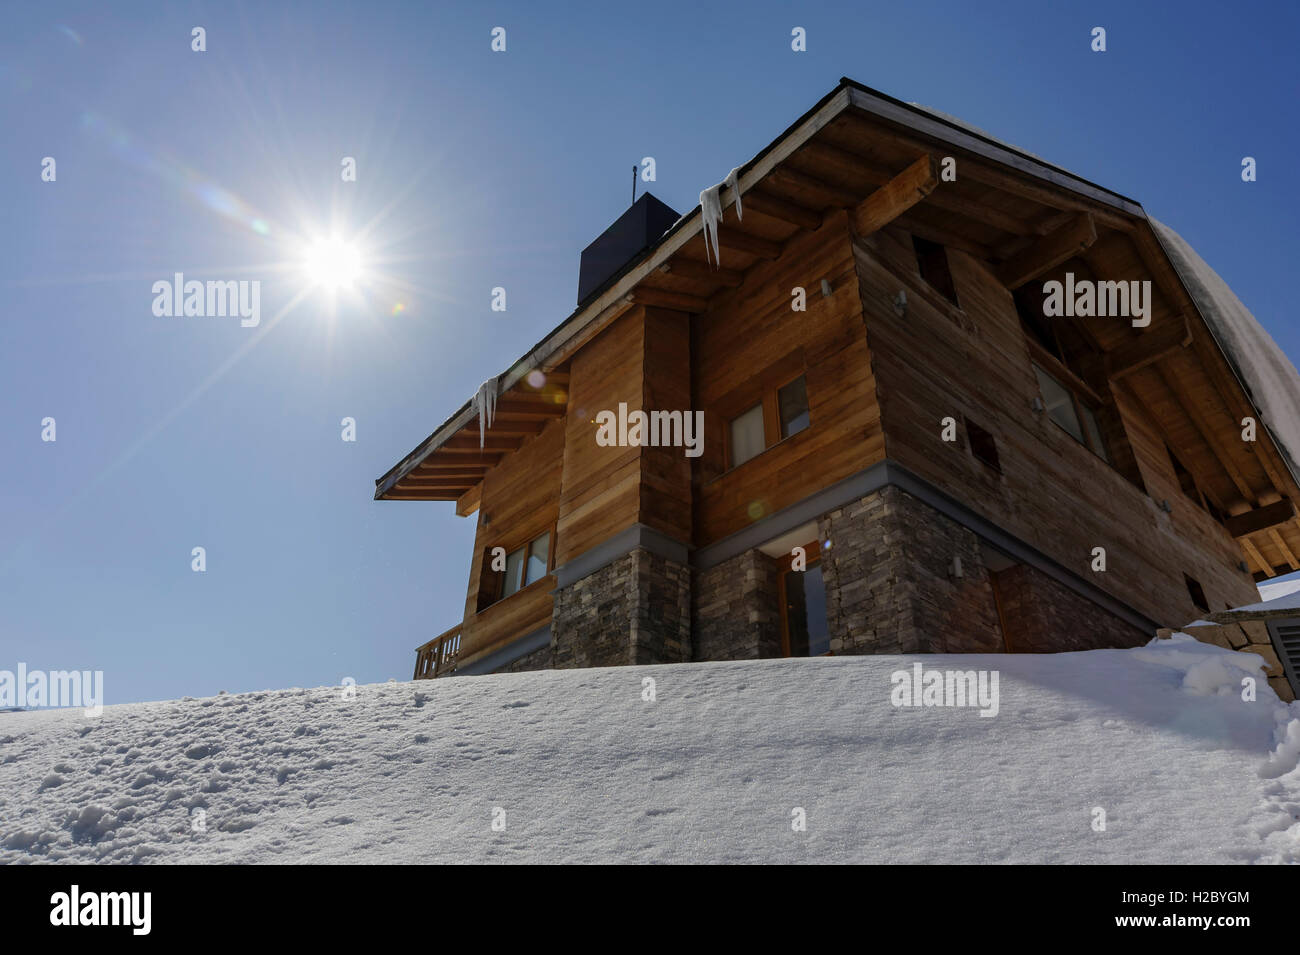 Un chalet de madera y piedra durante el invierno en Mzaar Kfardebian ski resort en Líbano (contre-jour) Imagen De Stock